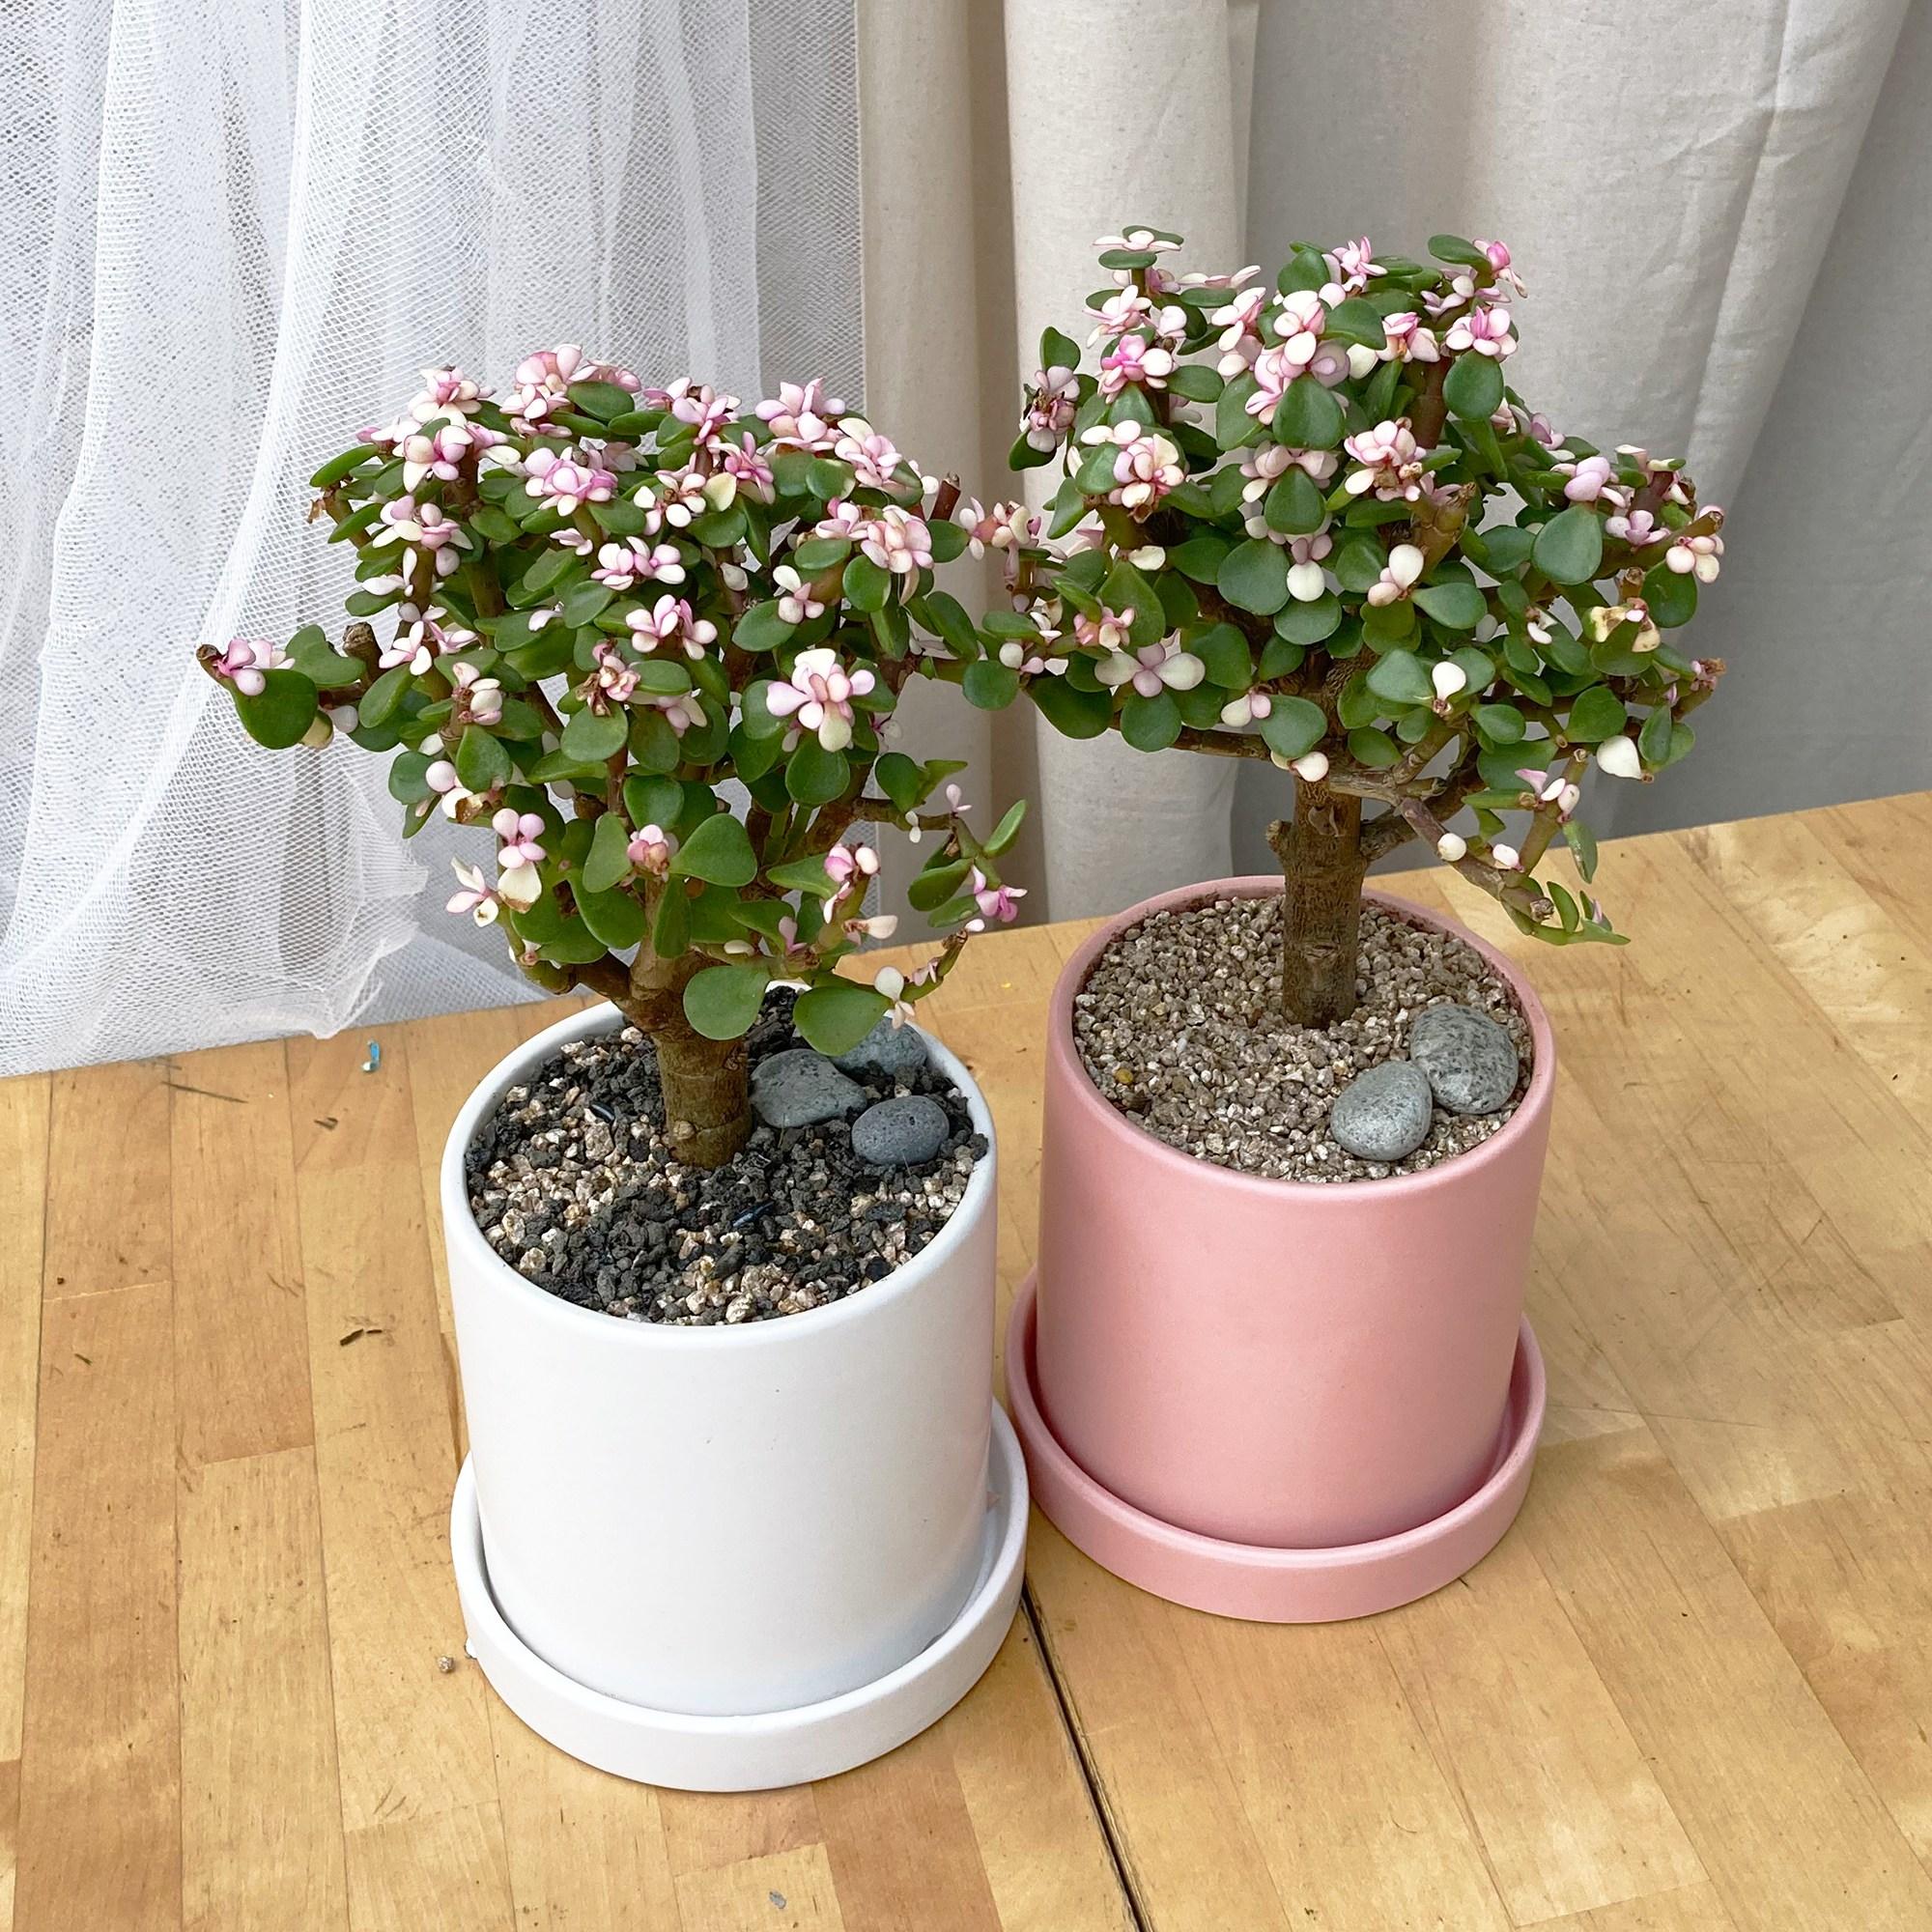 사랑스런 다육식물 공기정화식물 키우기쉬운 반려식물 사랑목 도자기, 도자기 화이트, 화분받침없음